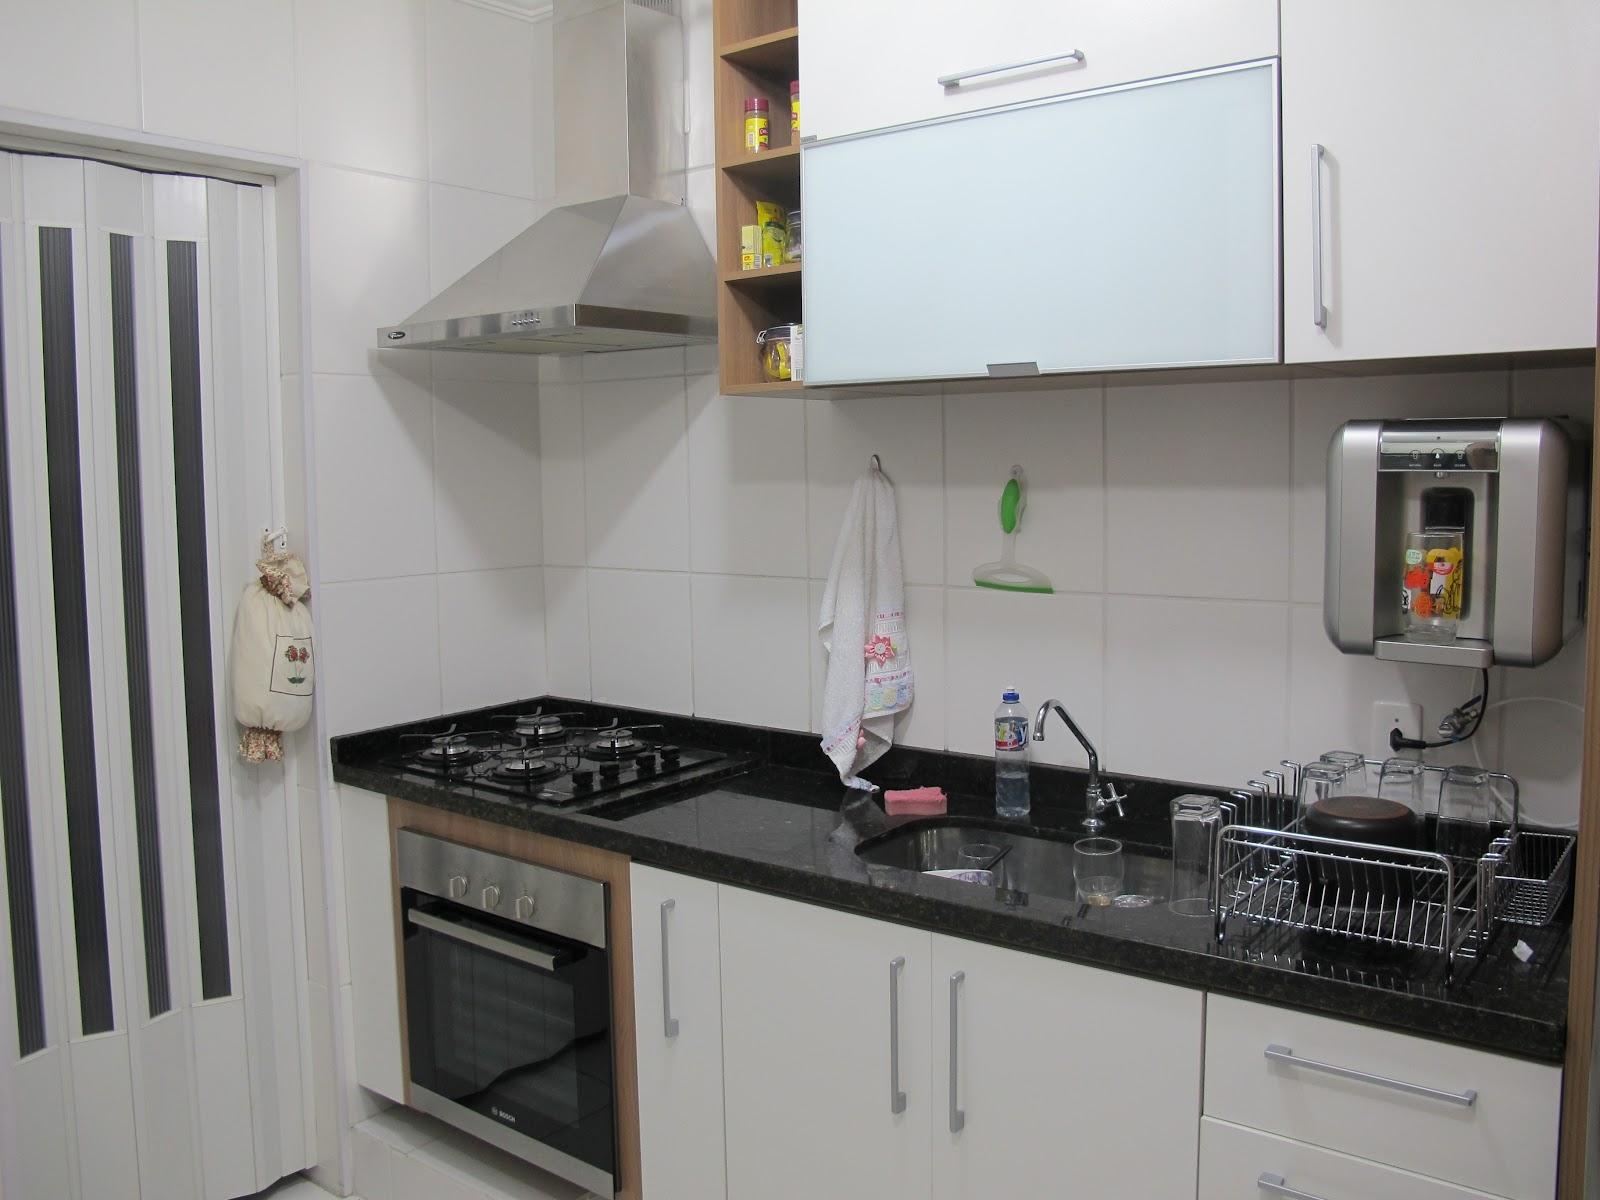 Cooktop Em Cozinha Pequena Cooktop Cozinha Pequena Sponsored Links